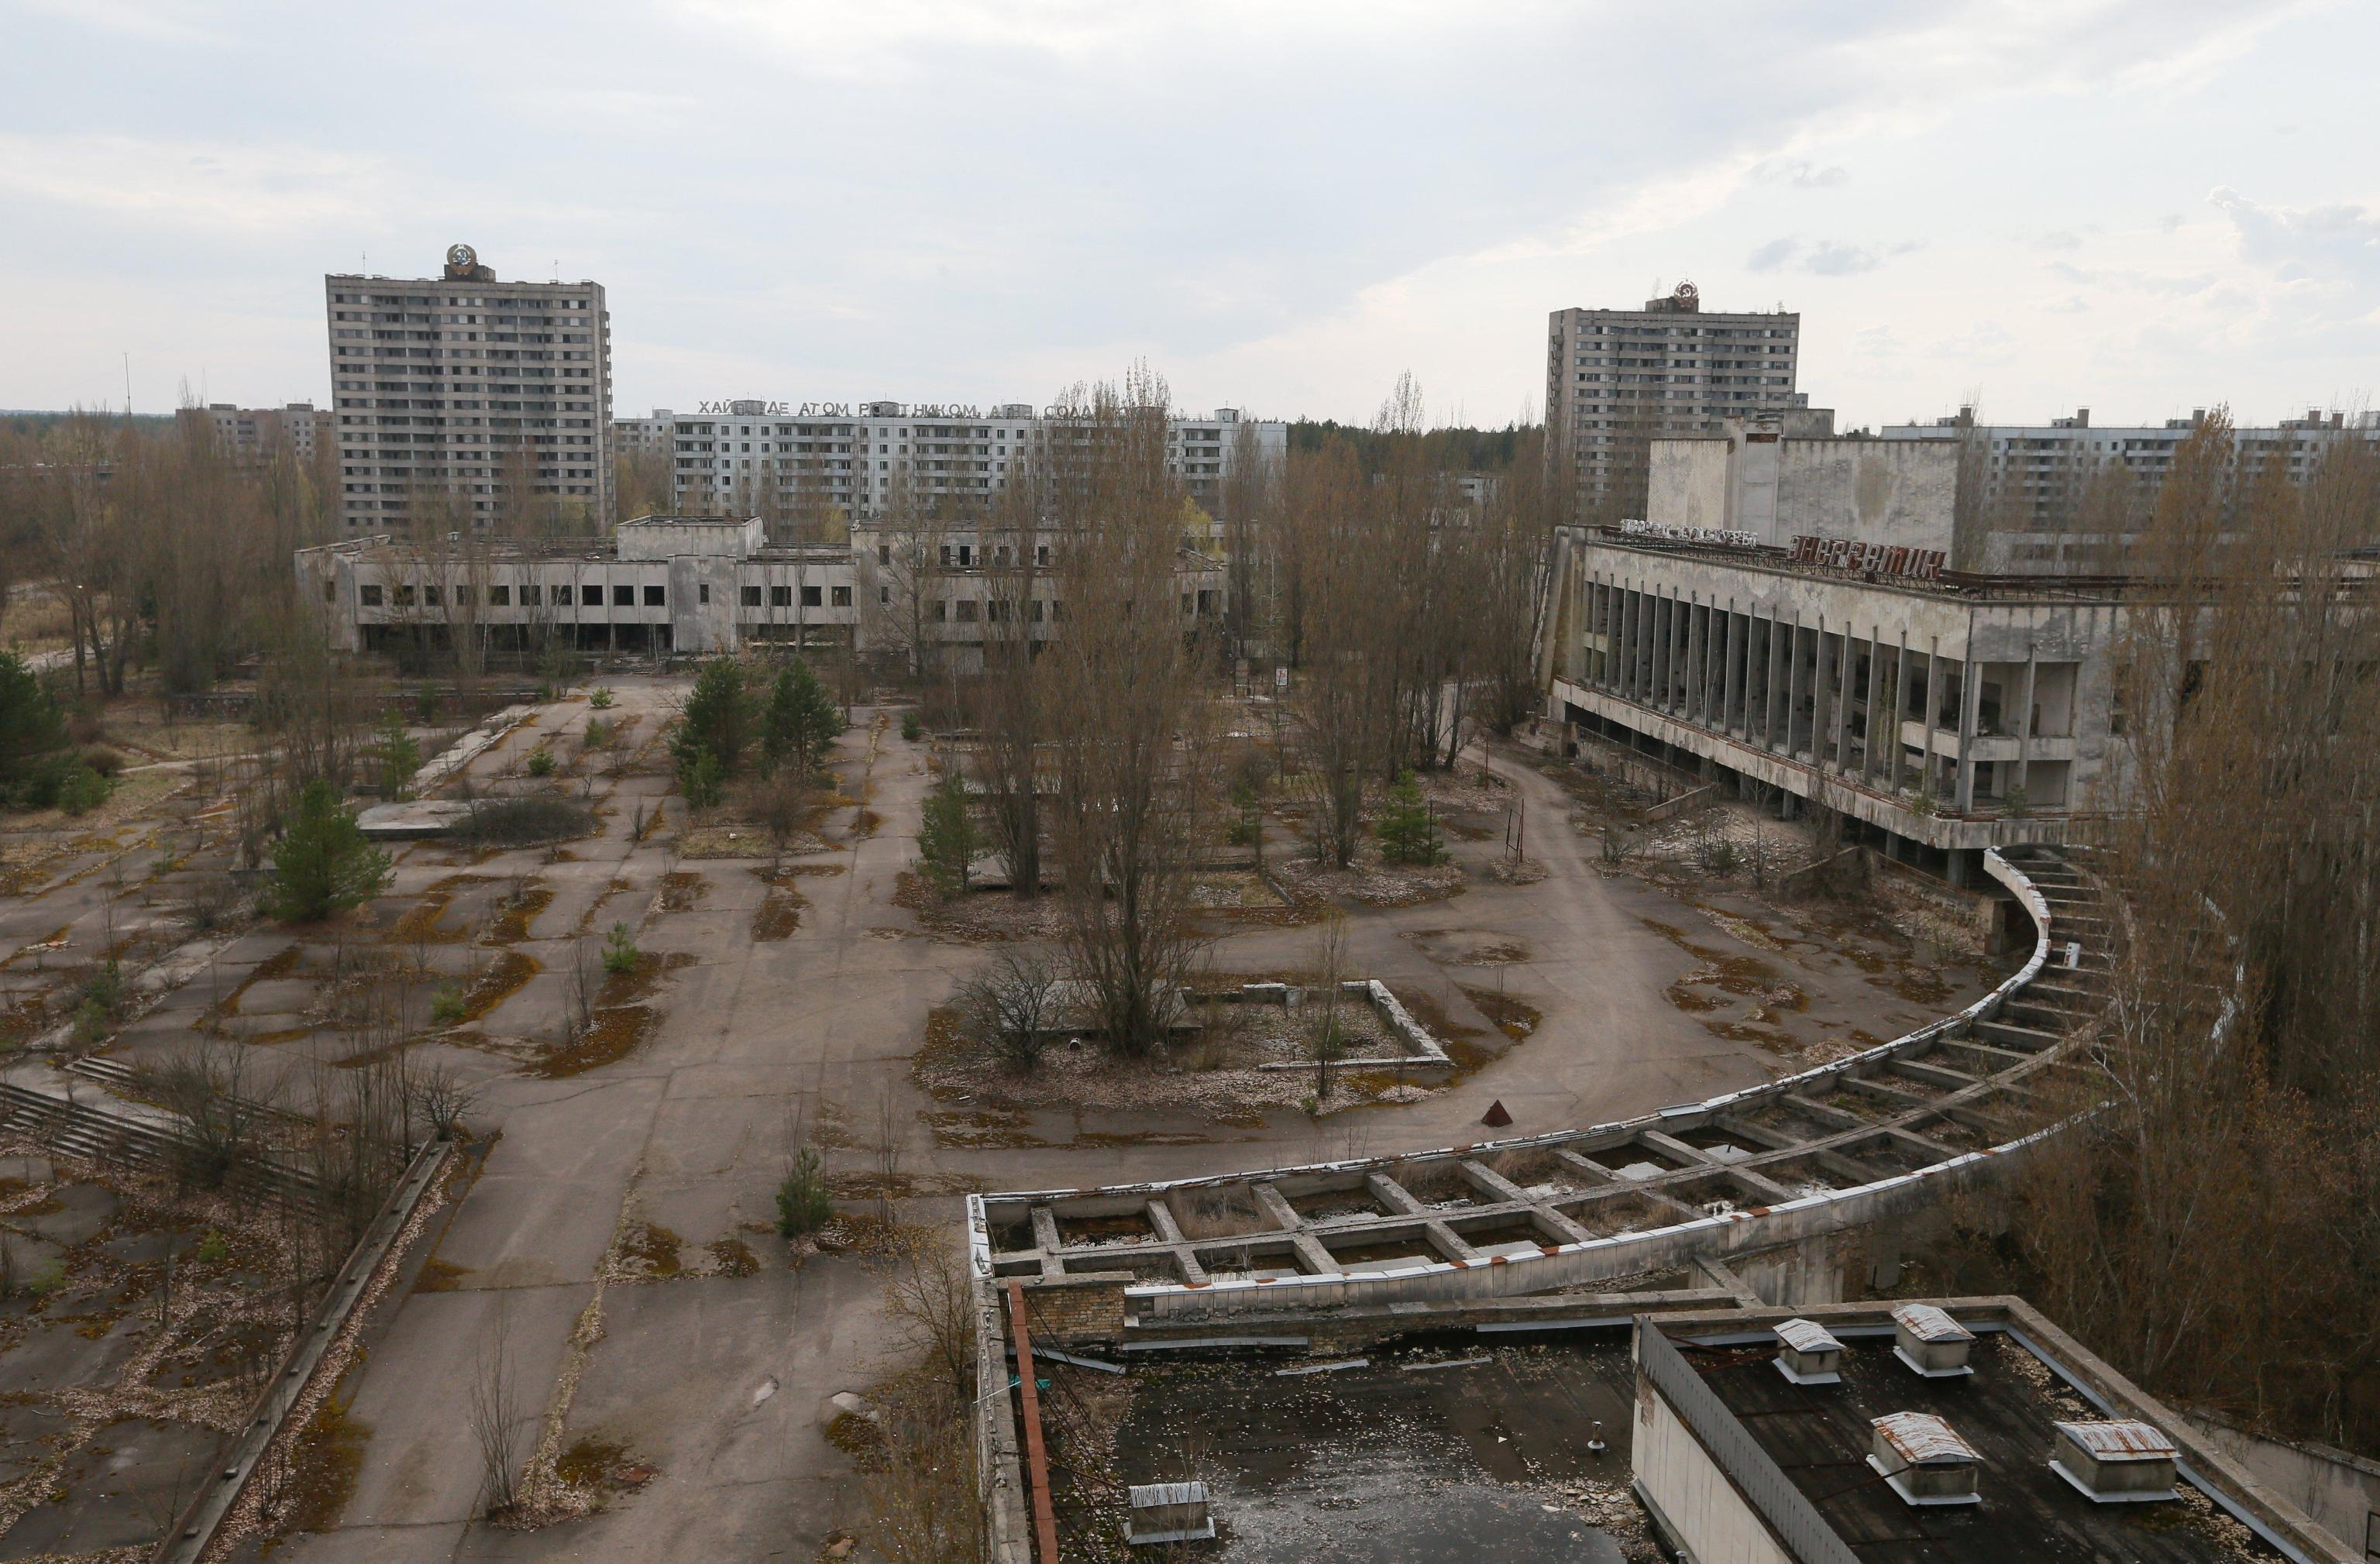 Ragazza di Chernobyl violentata e truffata da una coppia di Forlì: arrestati